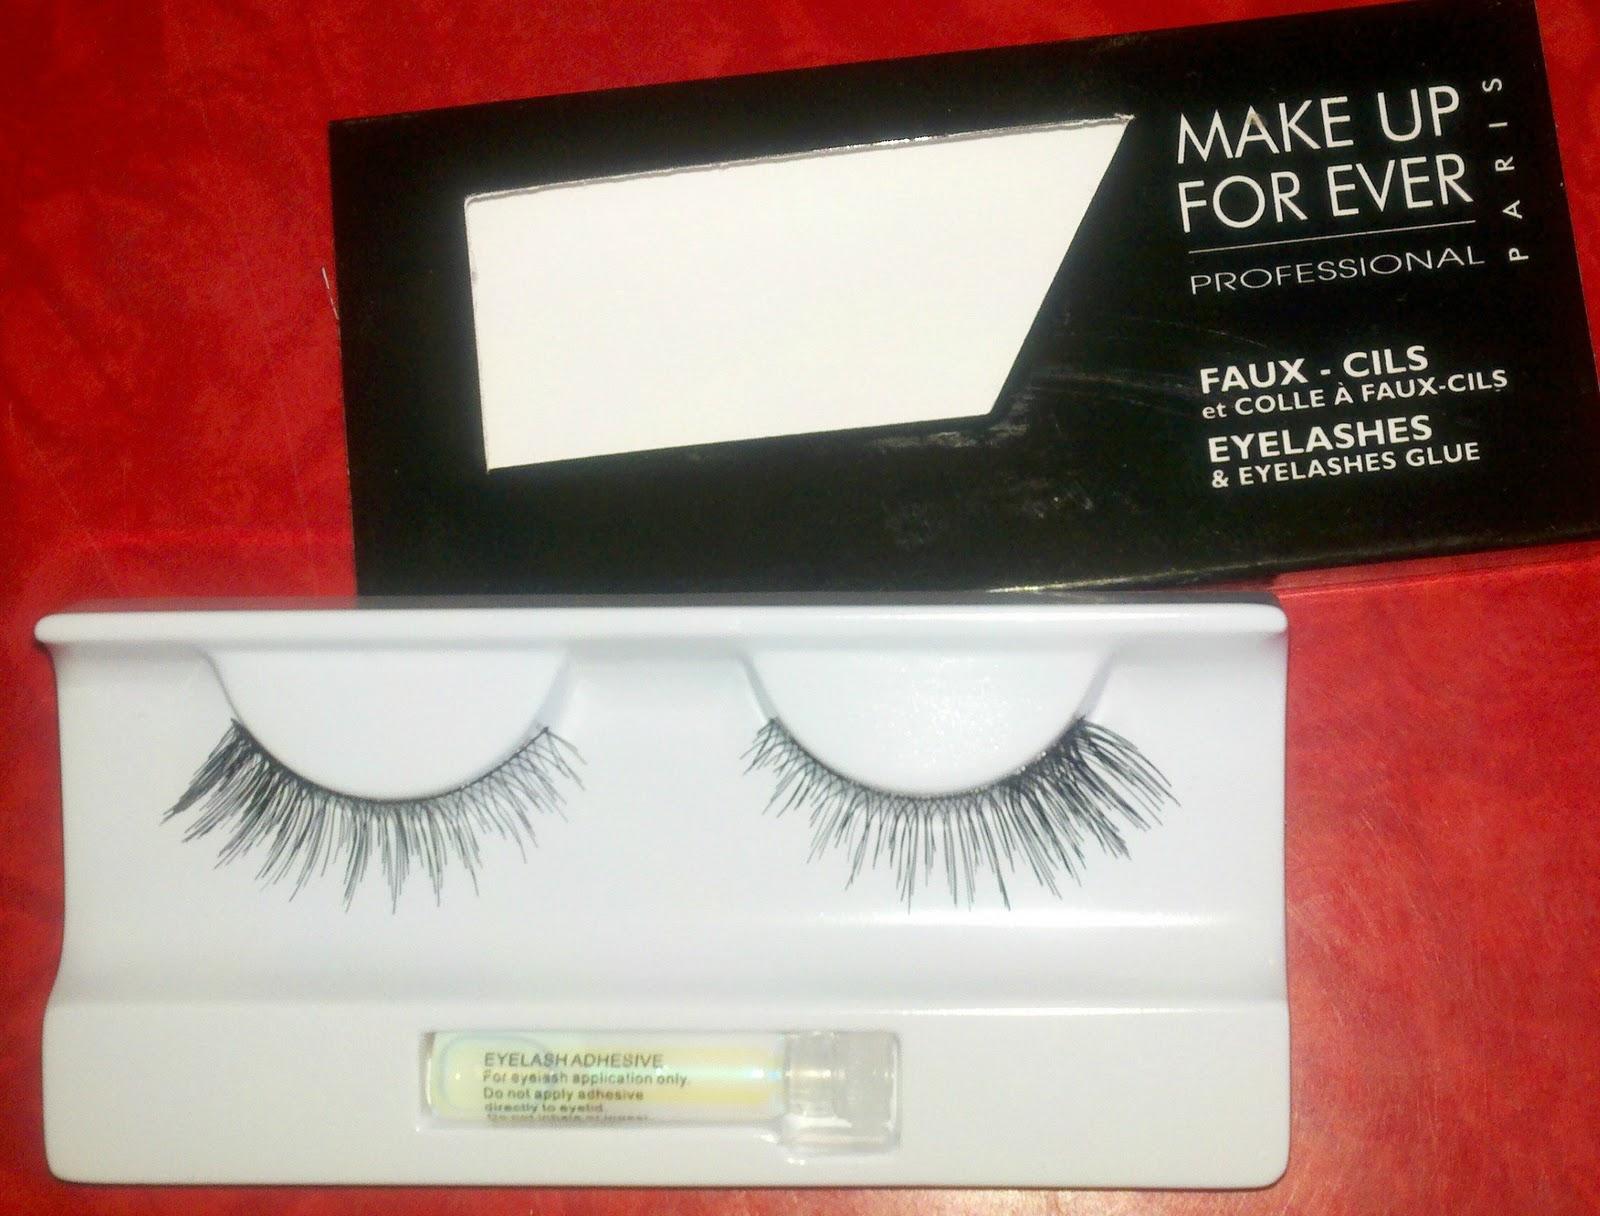 Beauty Test Dummies Make Up Forever False Eyelashes No 156 Genevieve